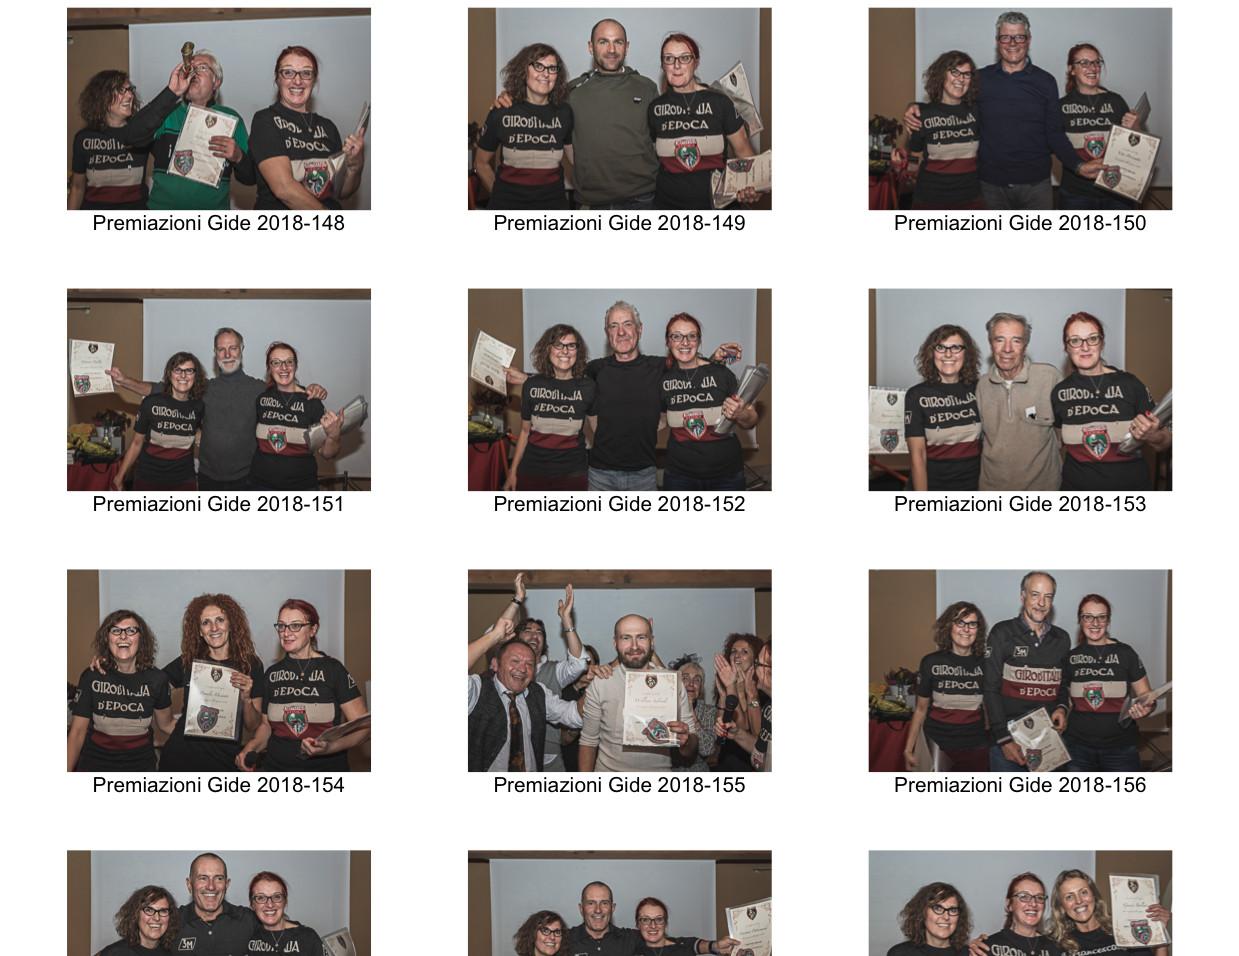 Premiazioni Gide-09.jpg